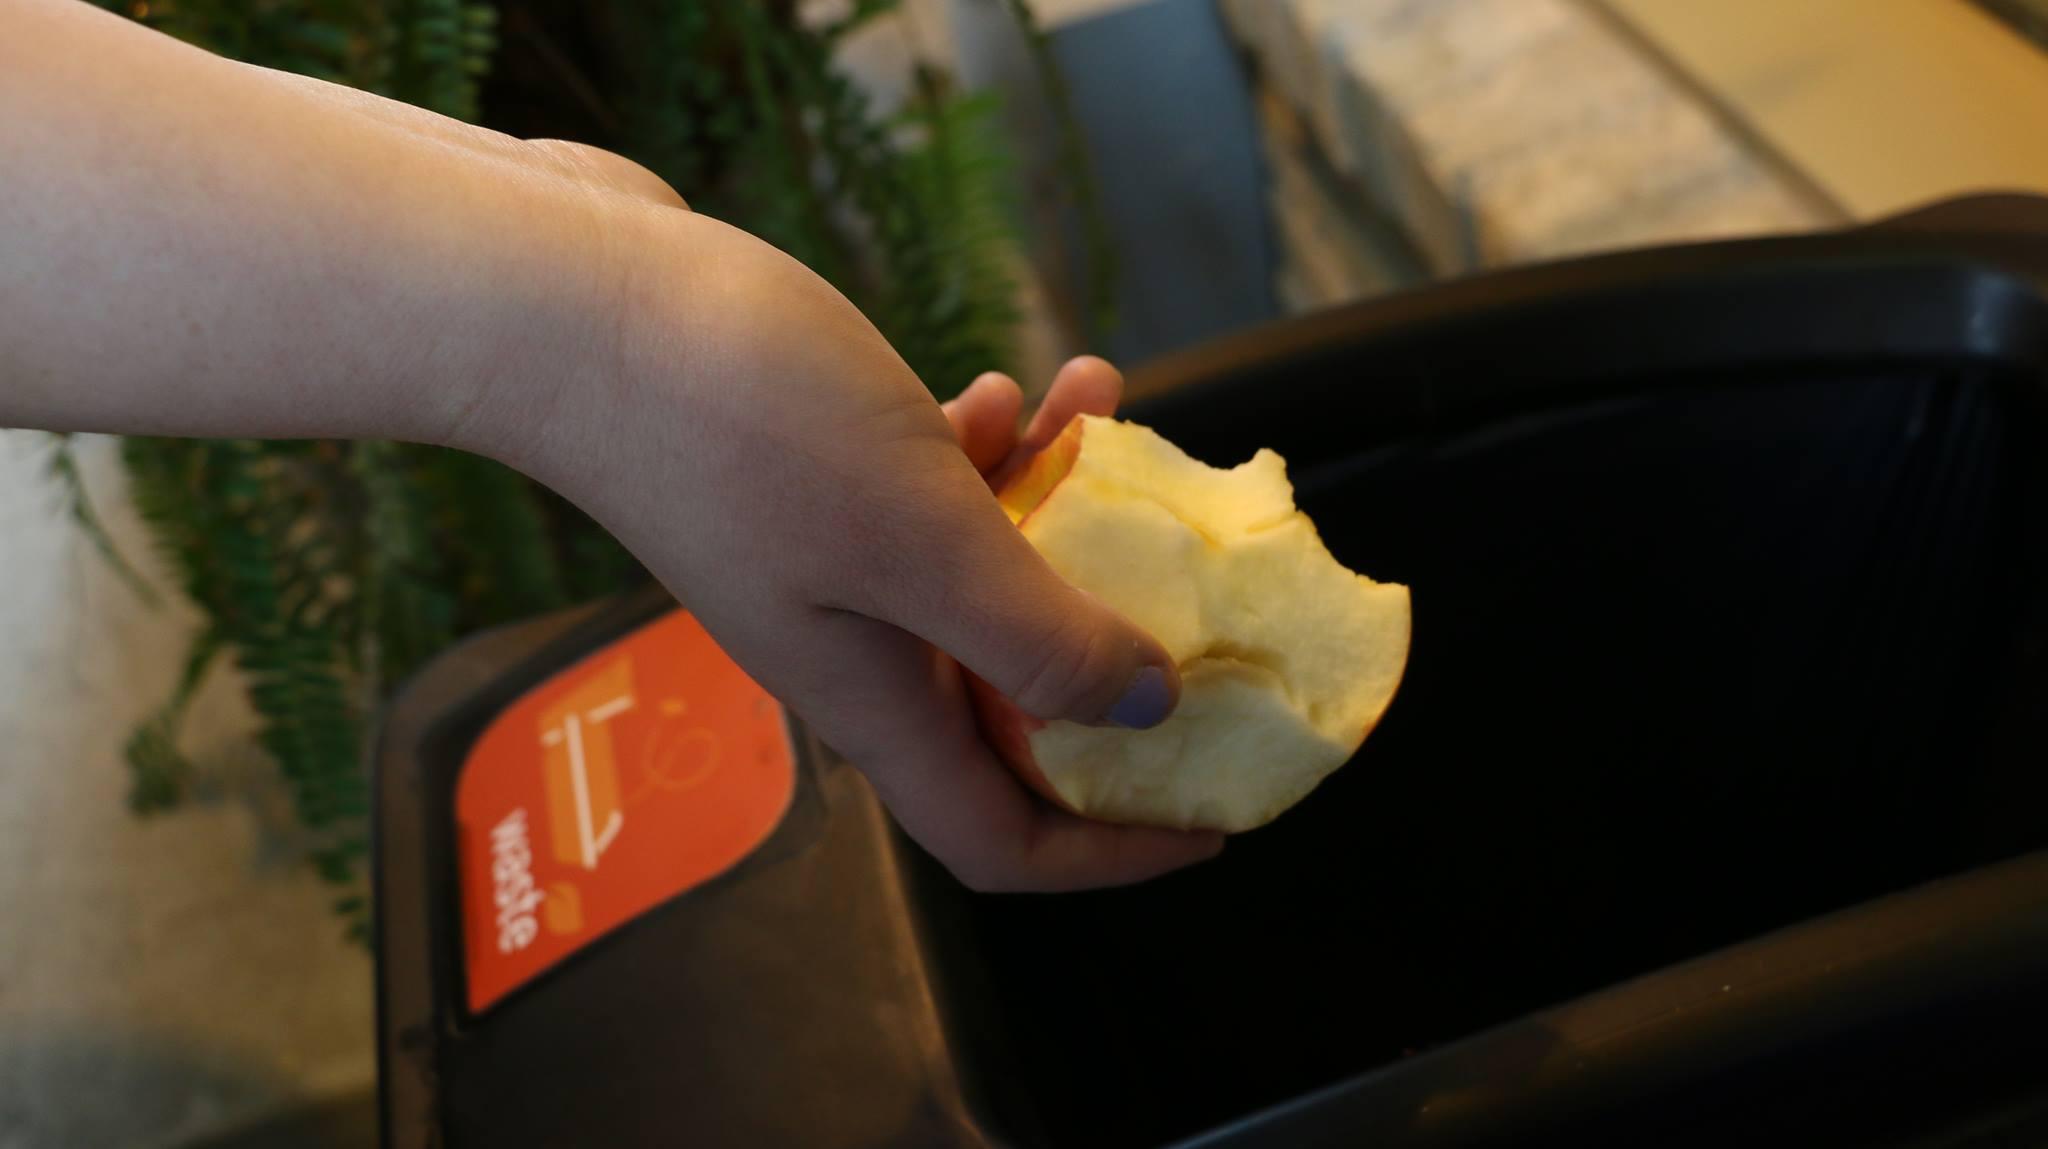 Compost compensation